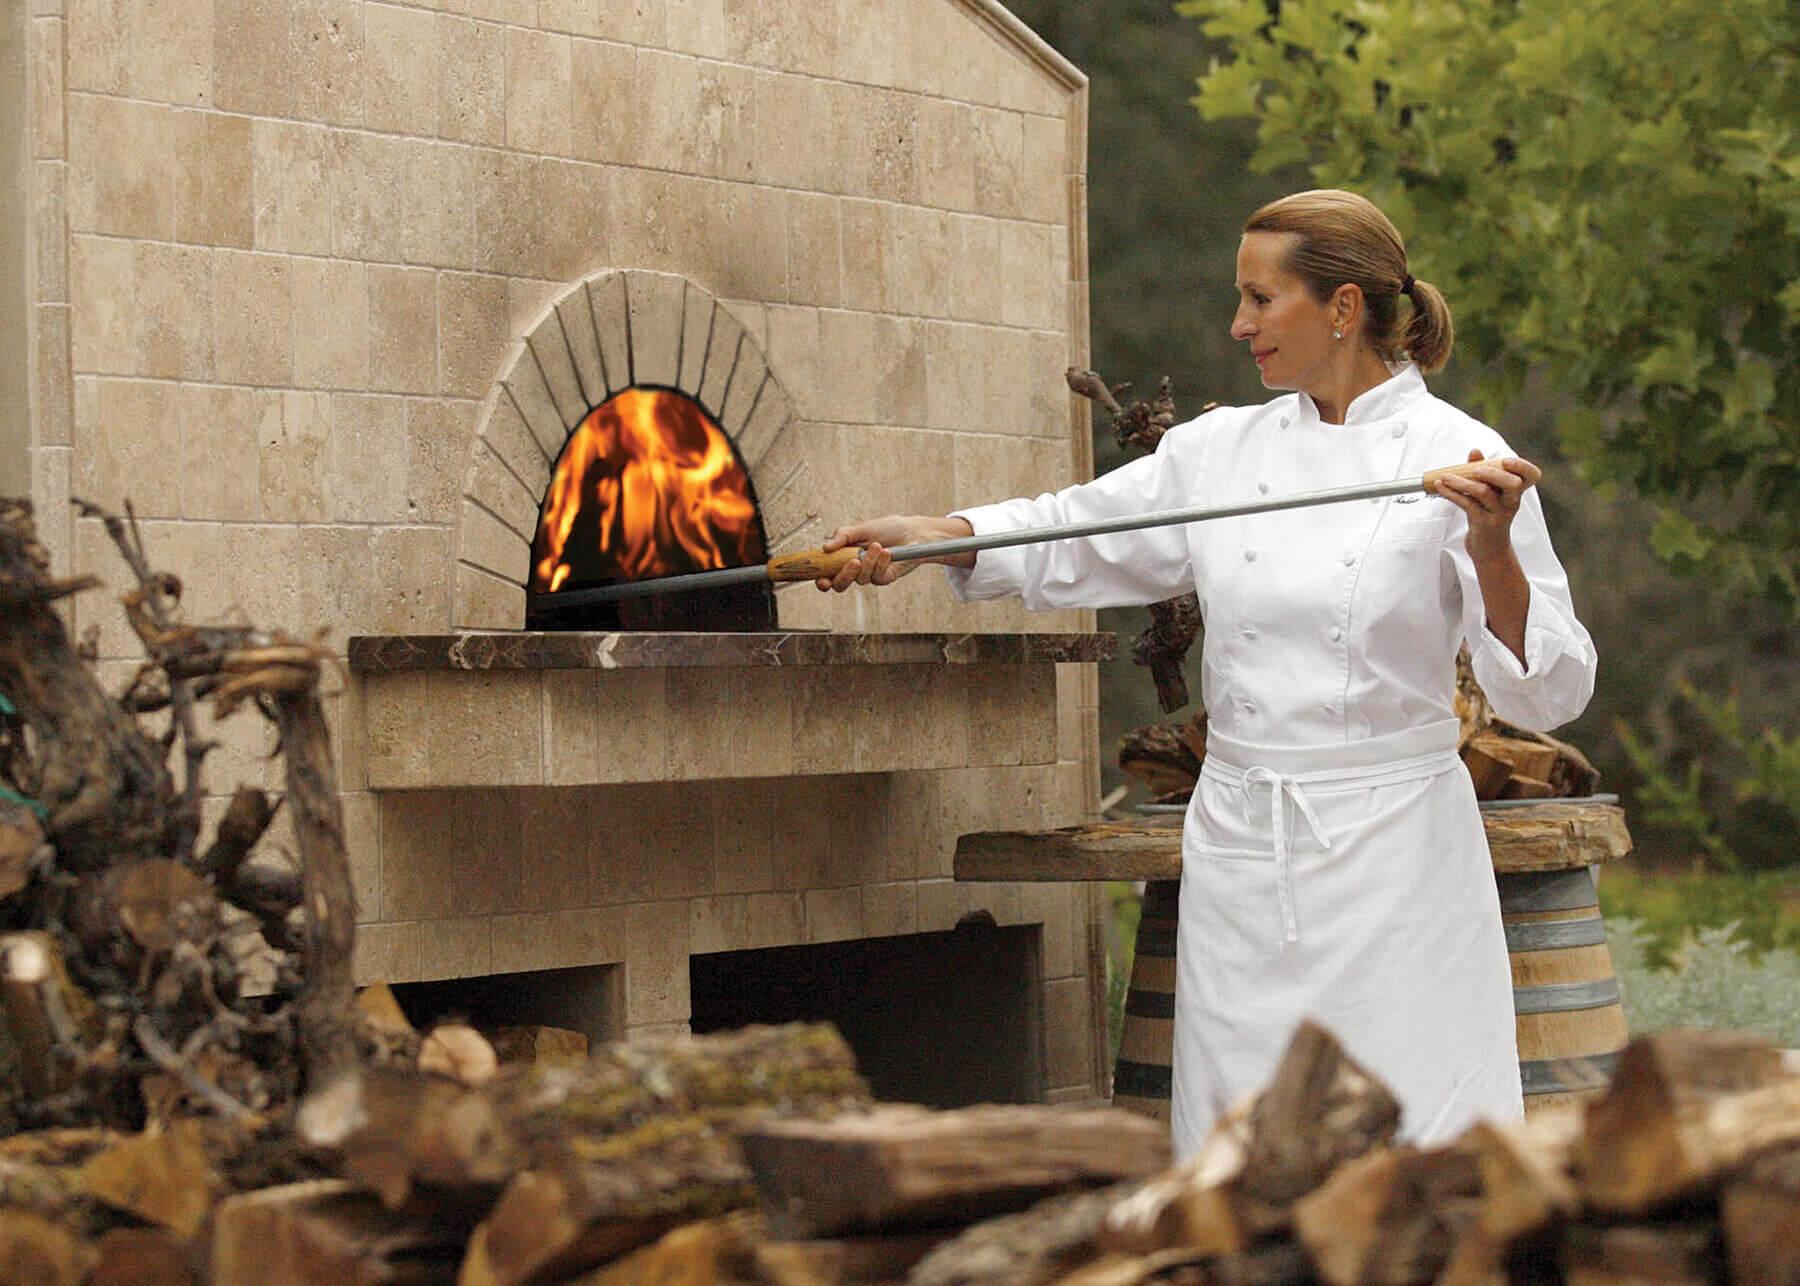 Andrea Mugnaini using a Mugnaini oven